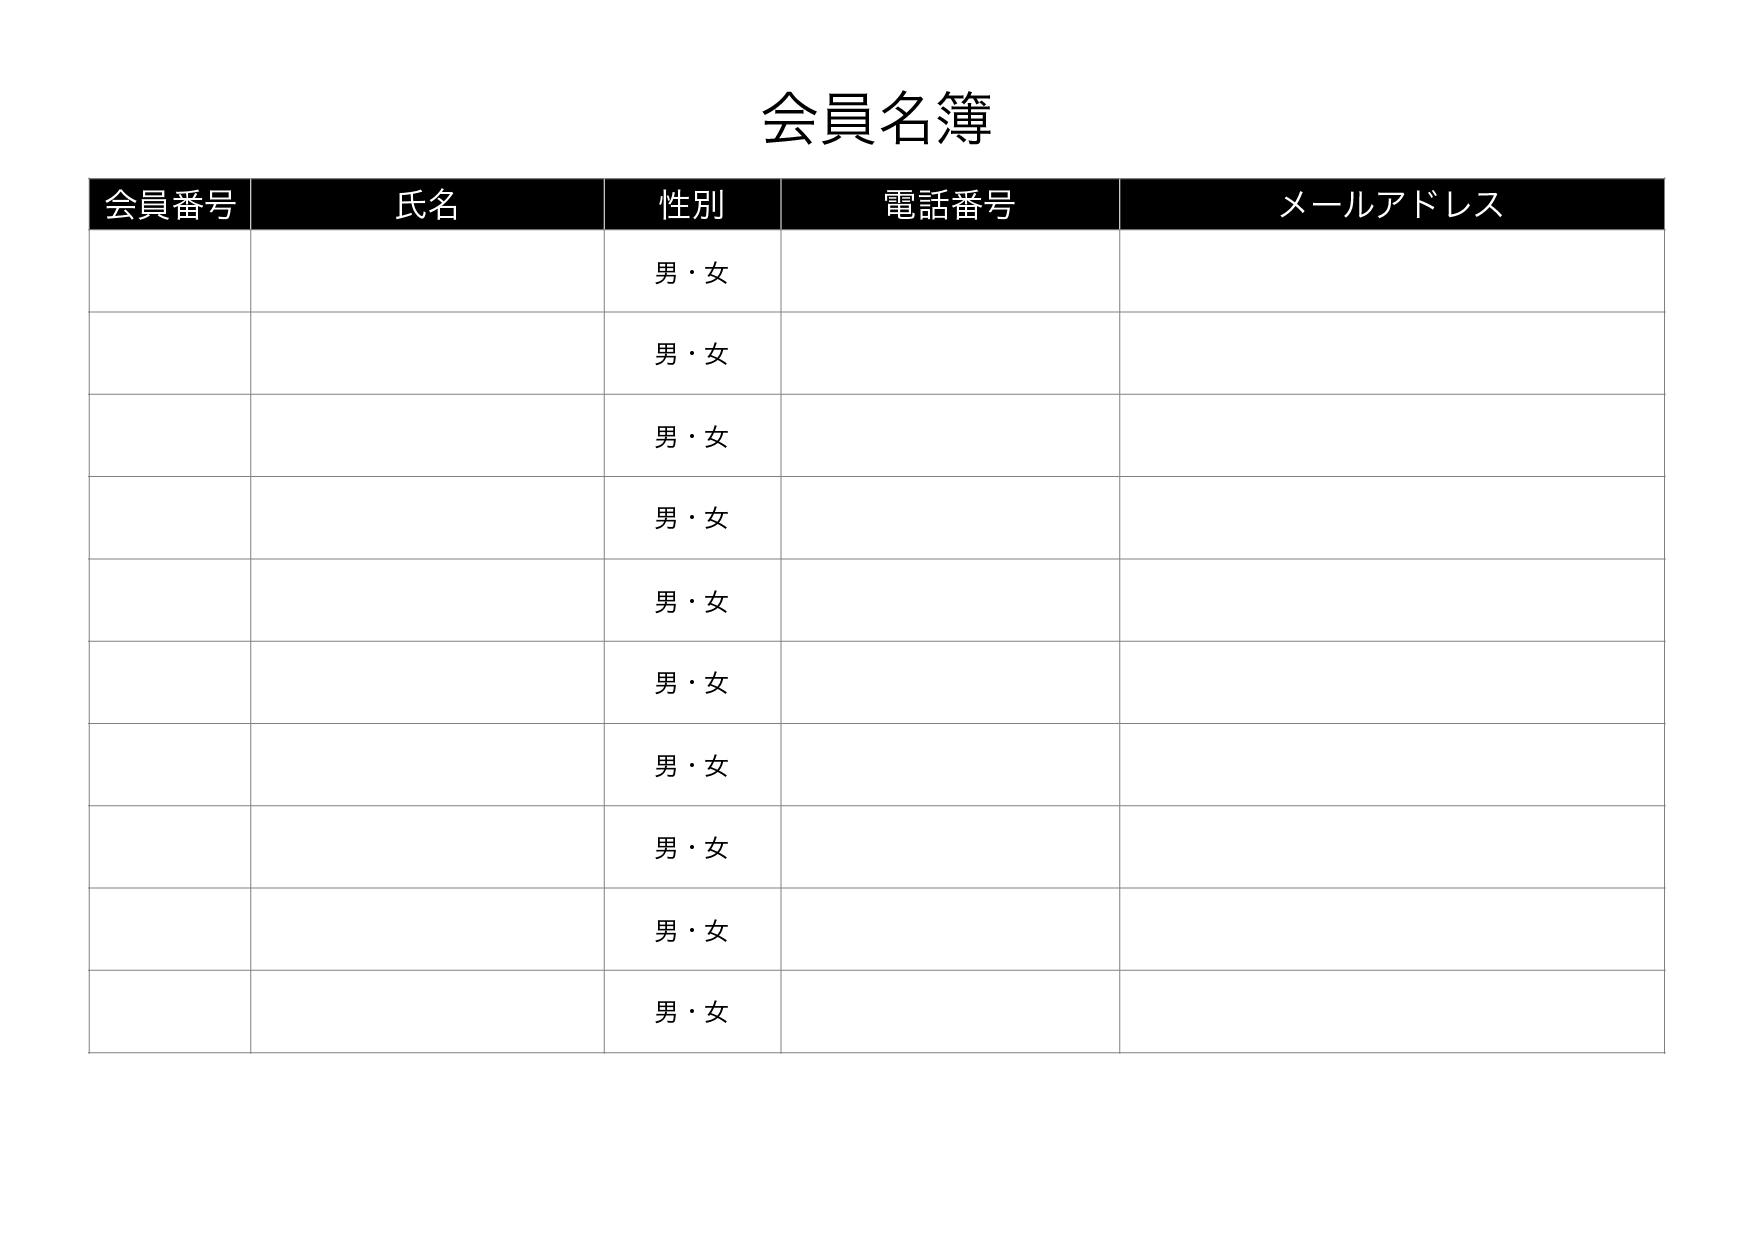 名簿(リスト)テンプレート作成『会員名簿』Word・Pages